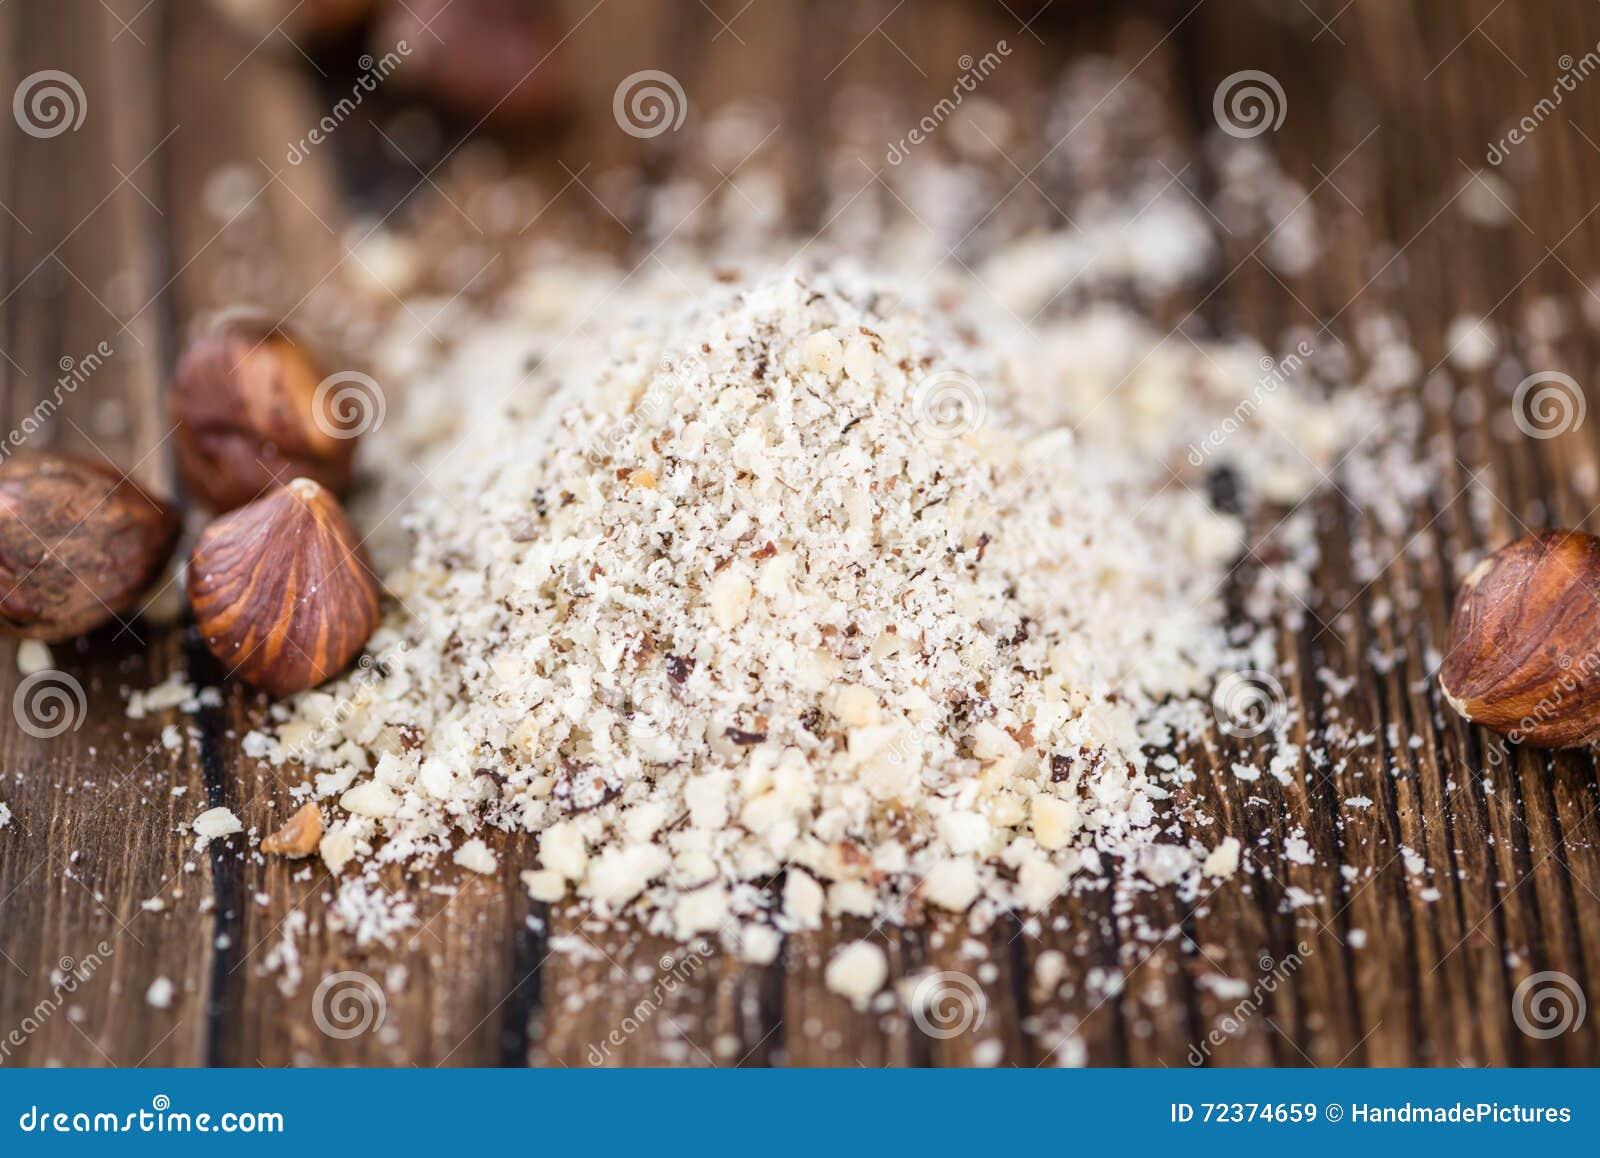 木桌用碎榛子